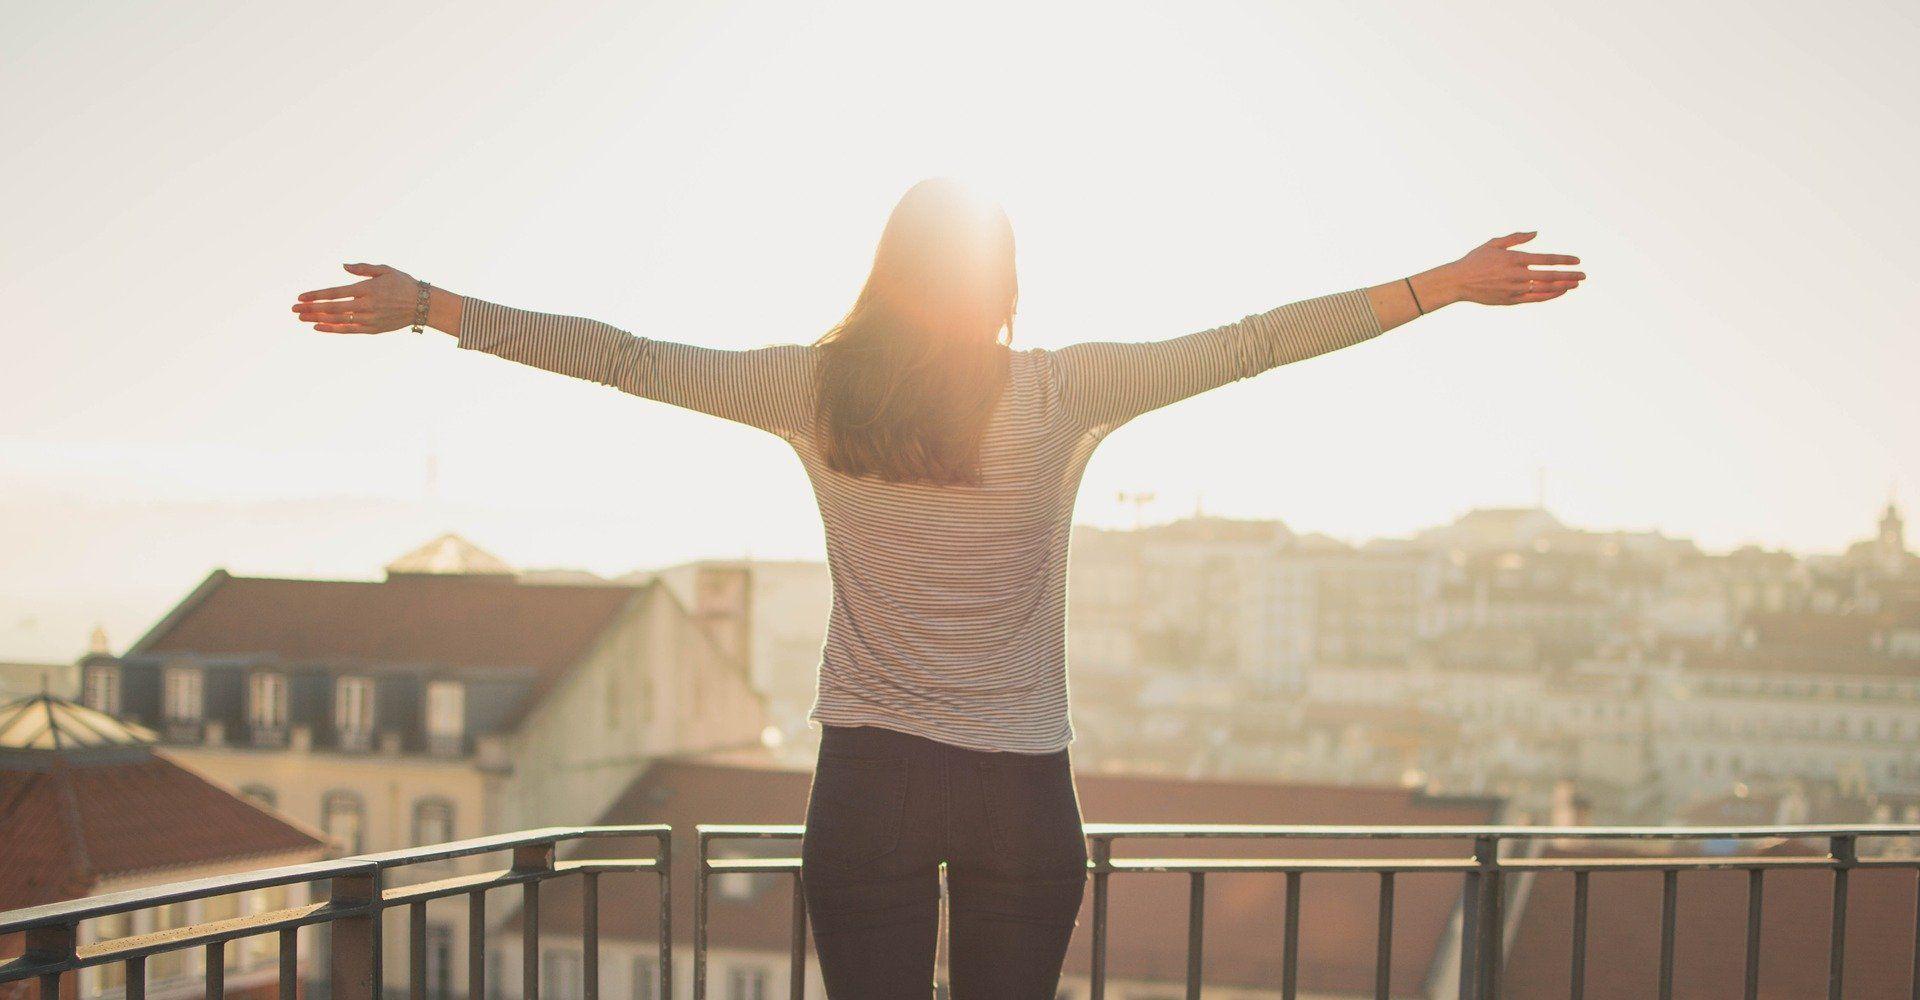 Kenali 4 Hal Ini untuk Hidup Lebih Positif. Tips hidup positif